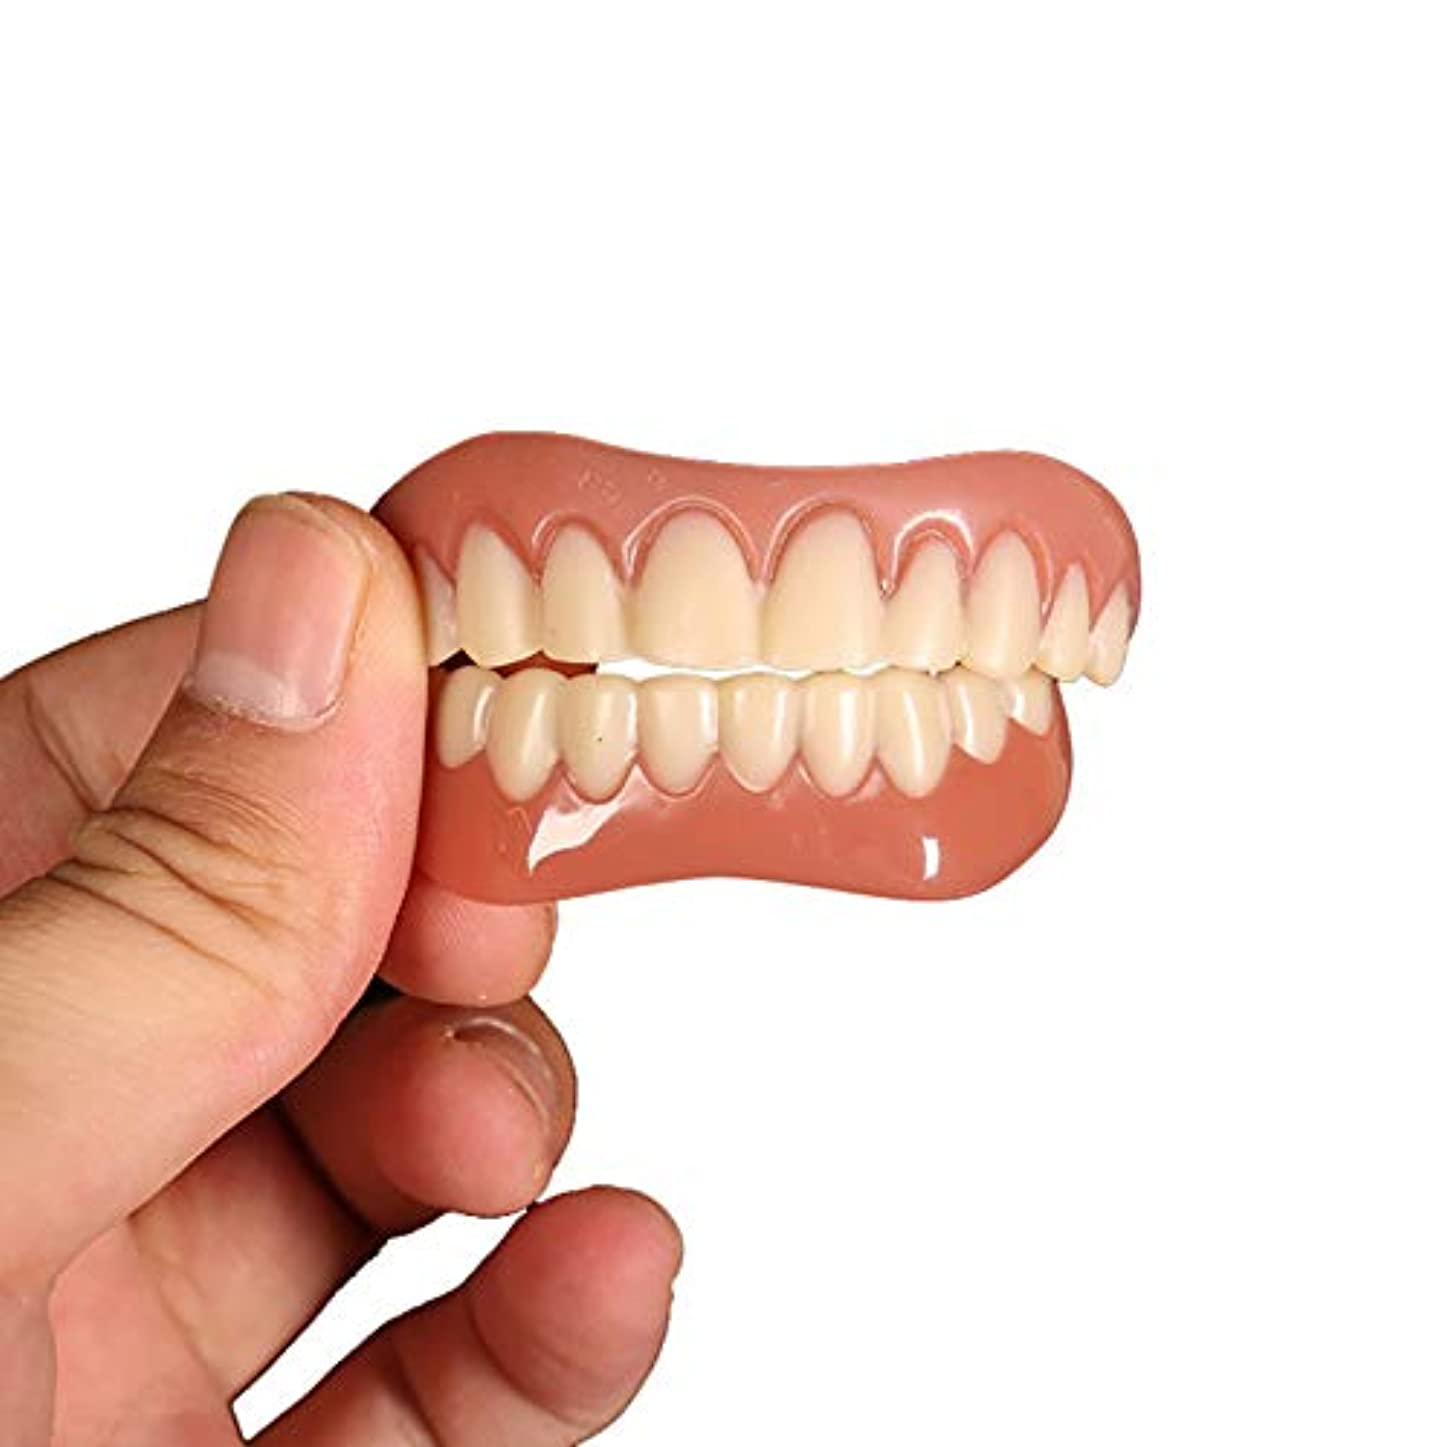 羽暴露するソーダ水2対歯科用ベニア快適なフィット歯のトップとボトム化粧品のベニヤワンサイズフィットすべての義歯接着剤歯偽義歯歯笑顔